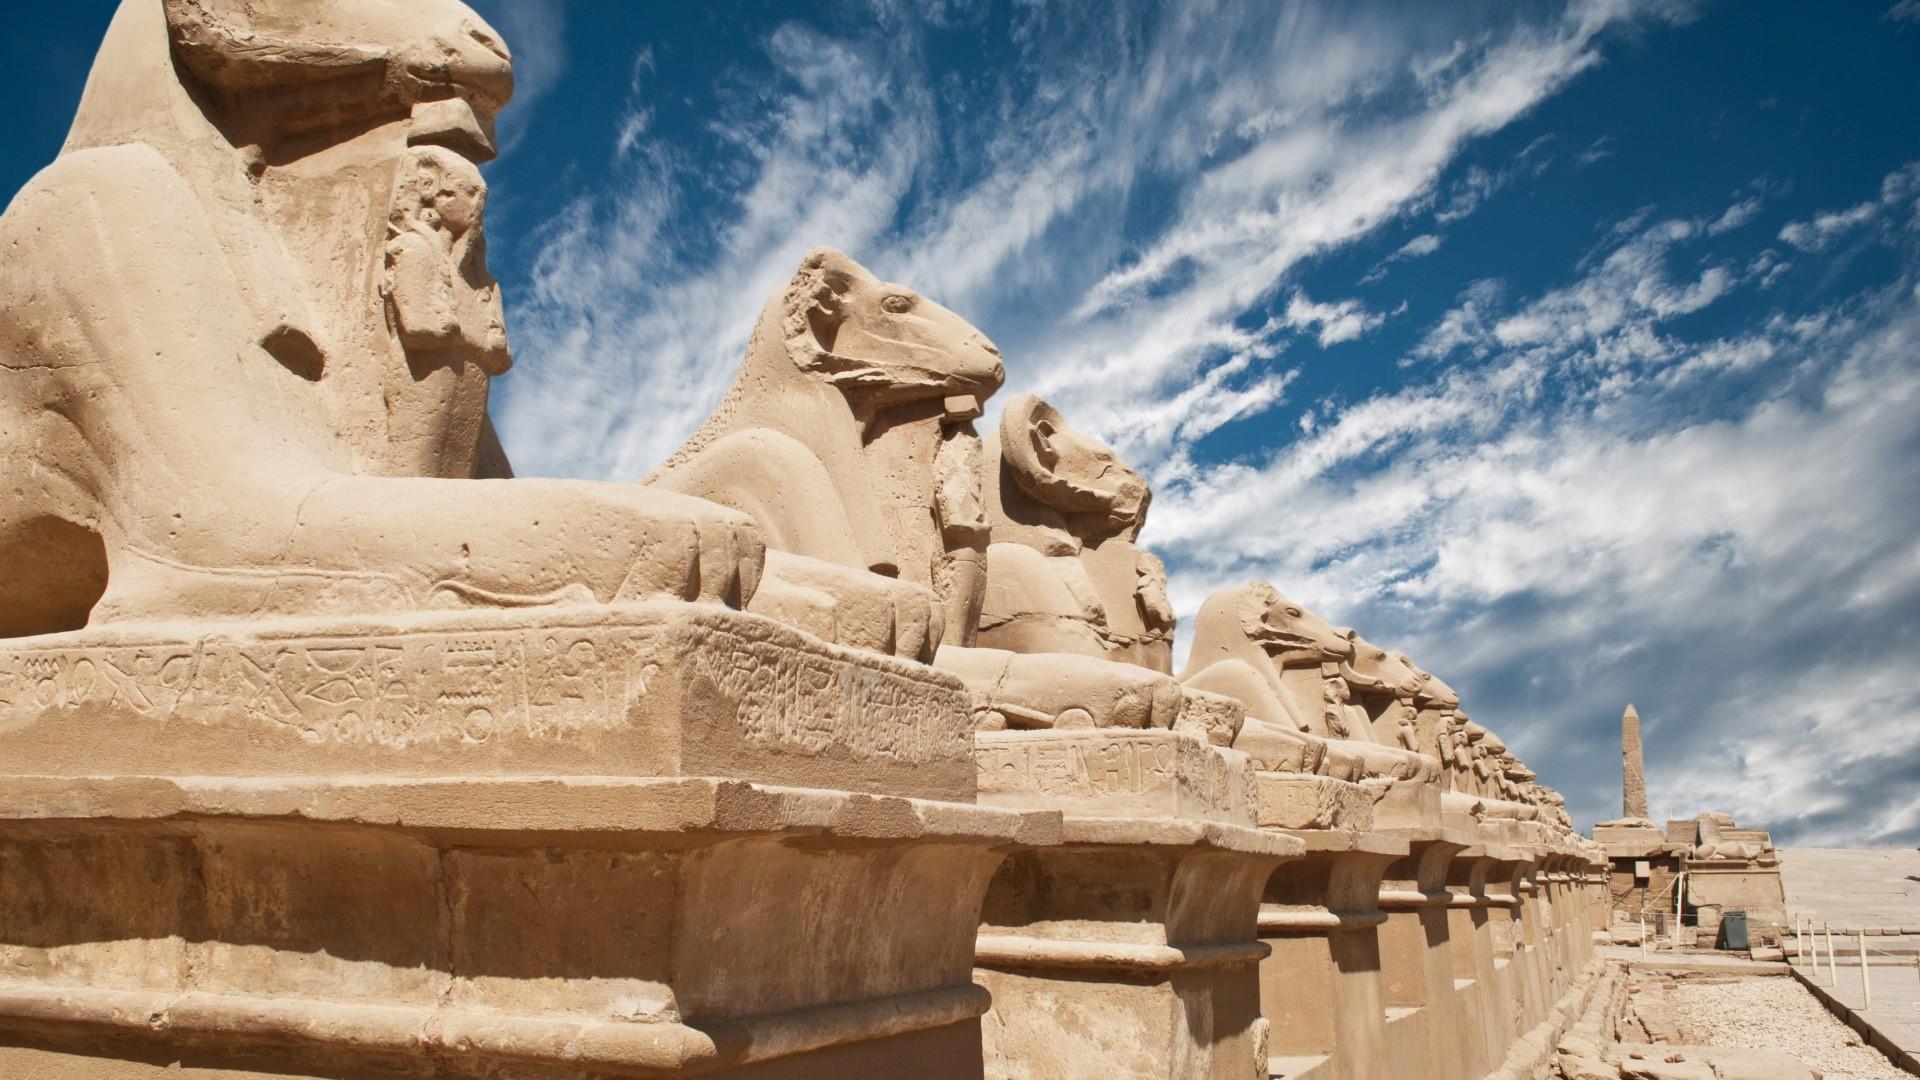 Egypt PC Wallpaper HD